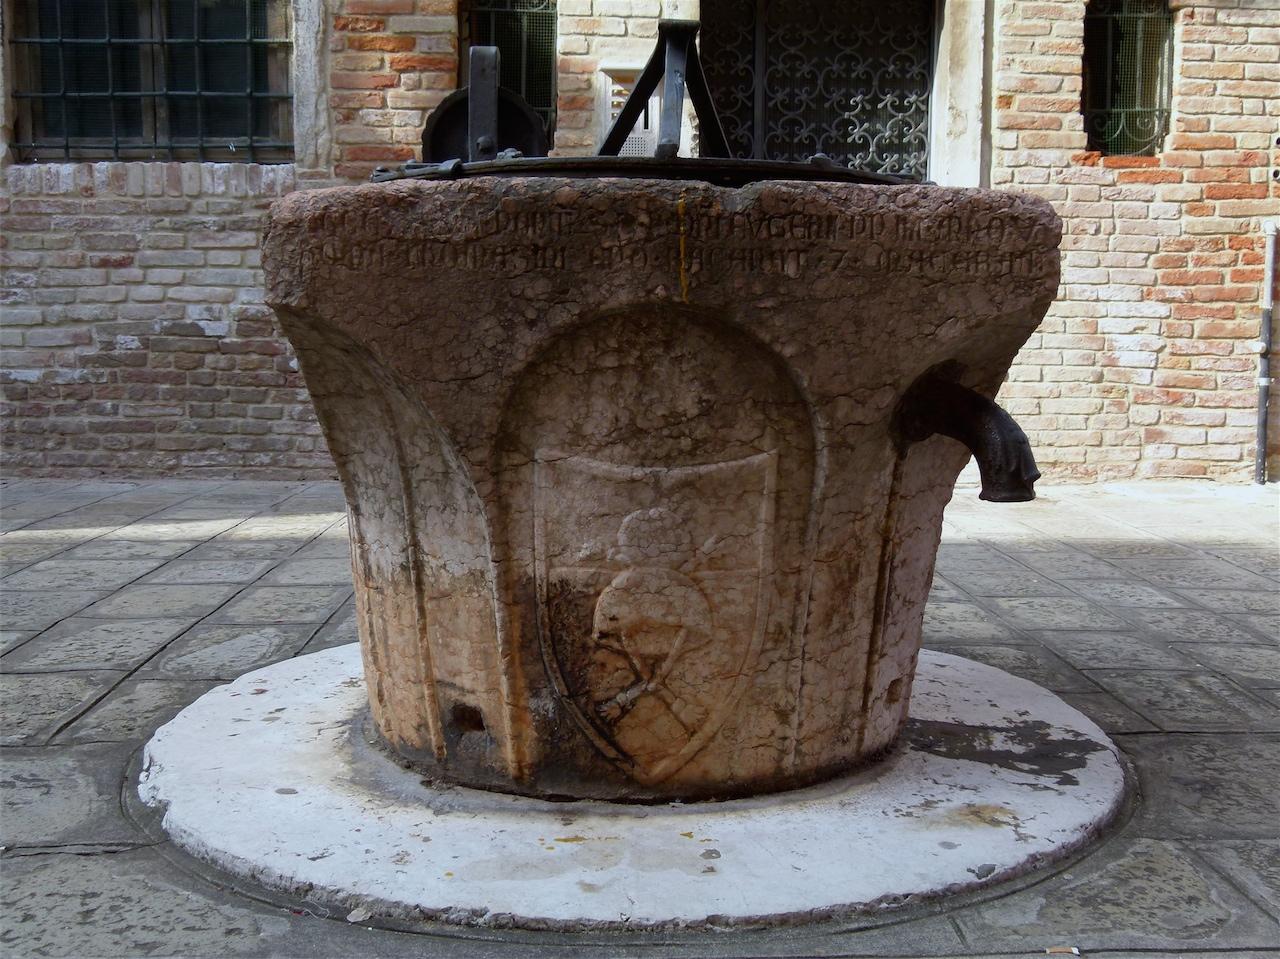 stemmi gentilizi (vera da pozzo, opera isolata) - ambito veneziano (sec. XV)